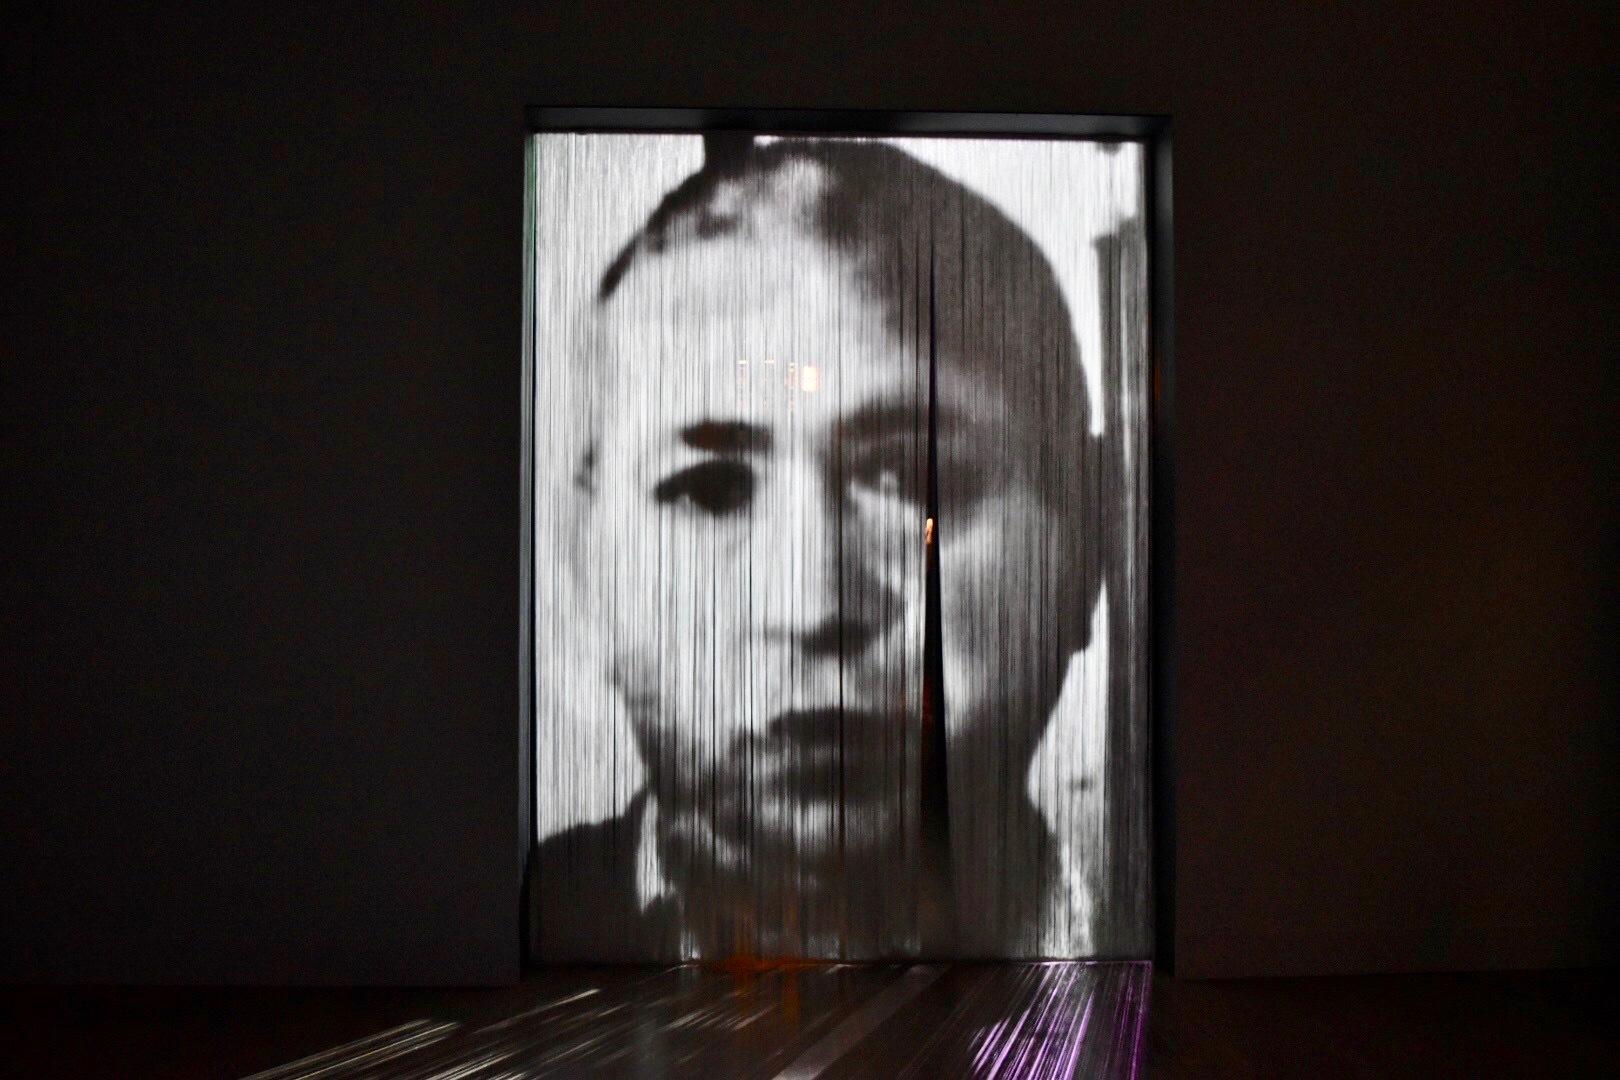 《合間に》 2010年 「クリスチャン・ボルタンスキー −Lifetime」展 2019年 国立新美術館展示風景